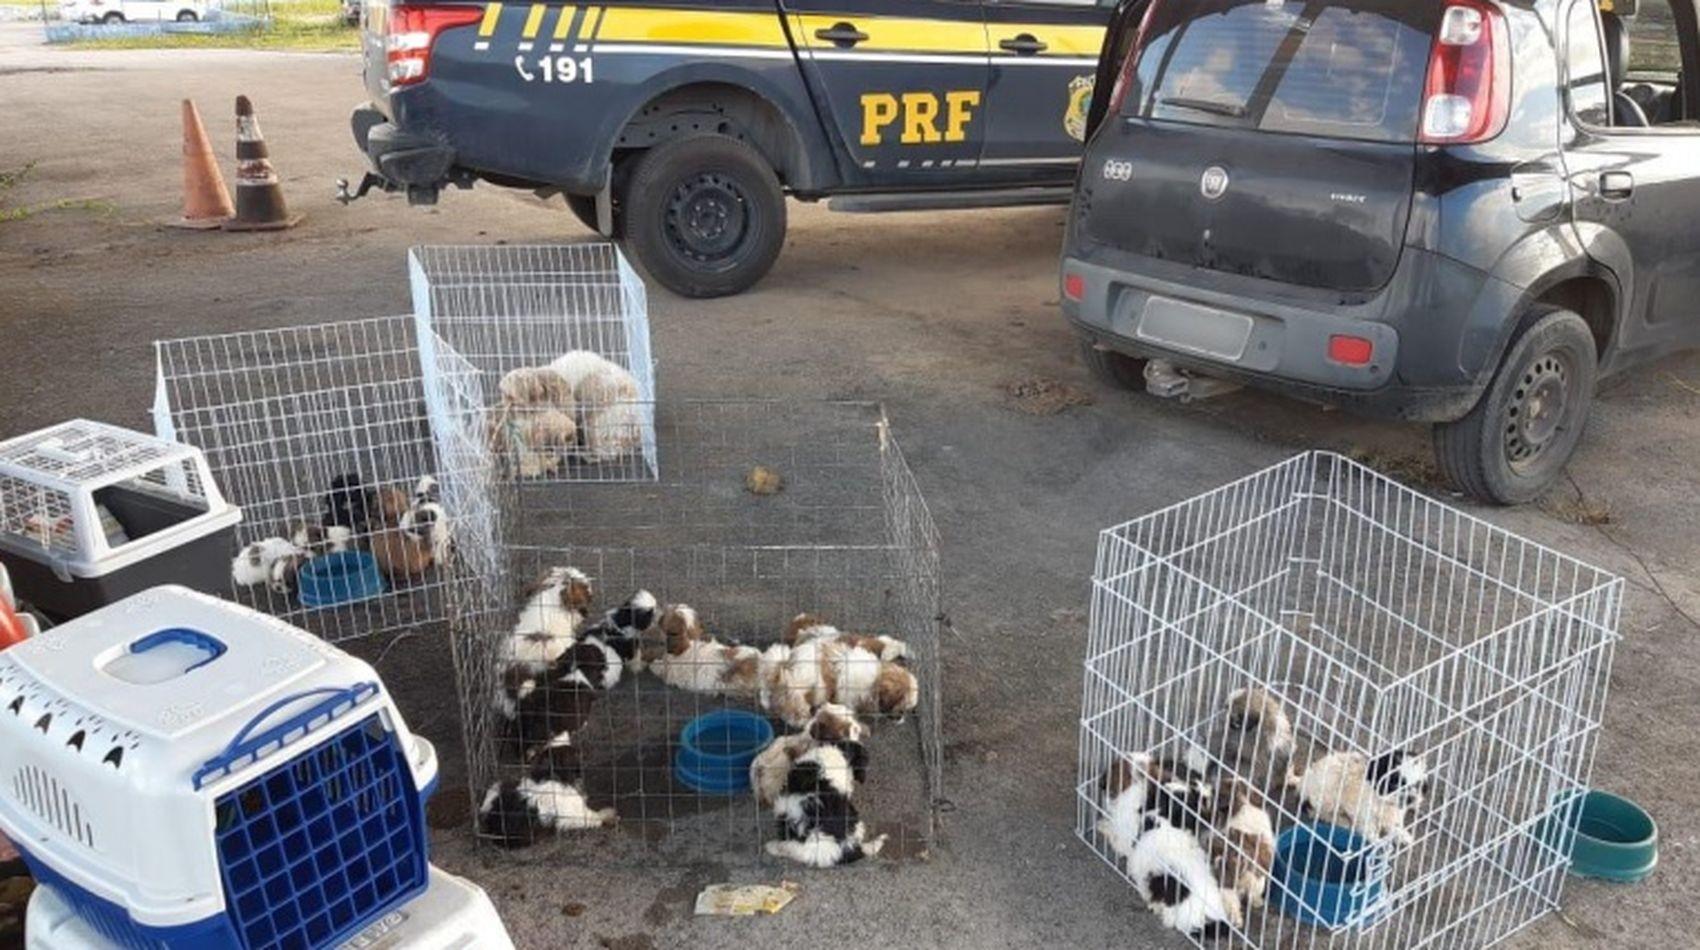 PRF flagra veículo com 24 cães transportados em situação precária na BR-101 em Sergipe